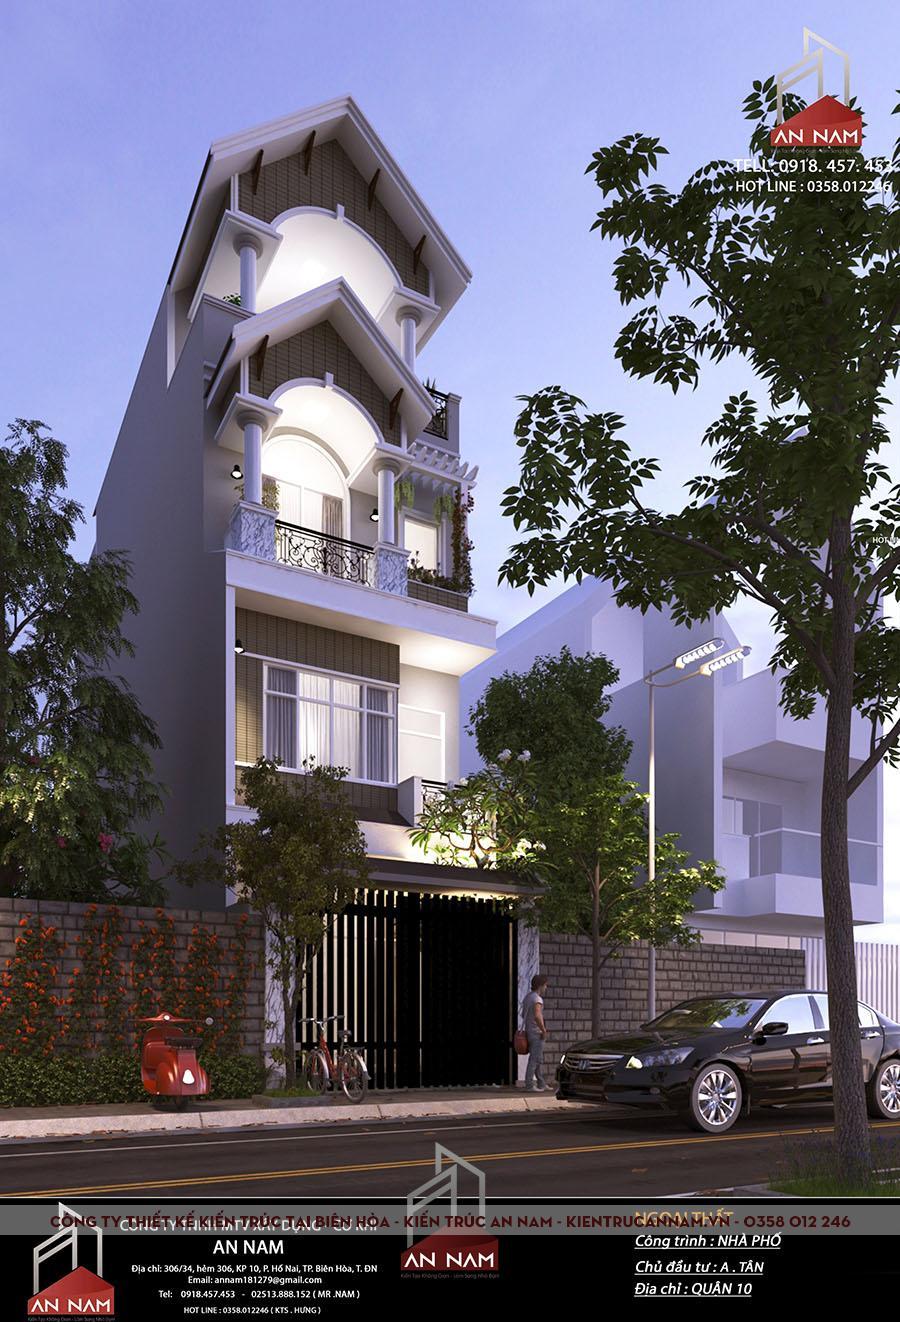 nhà phố 4 tầng tại Hồ Chí Minh độc đáo